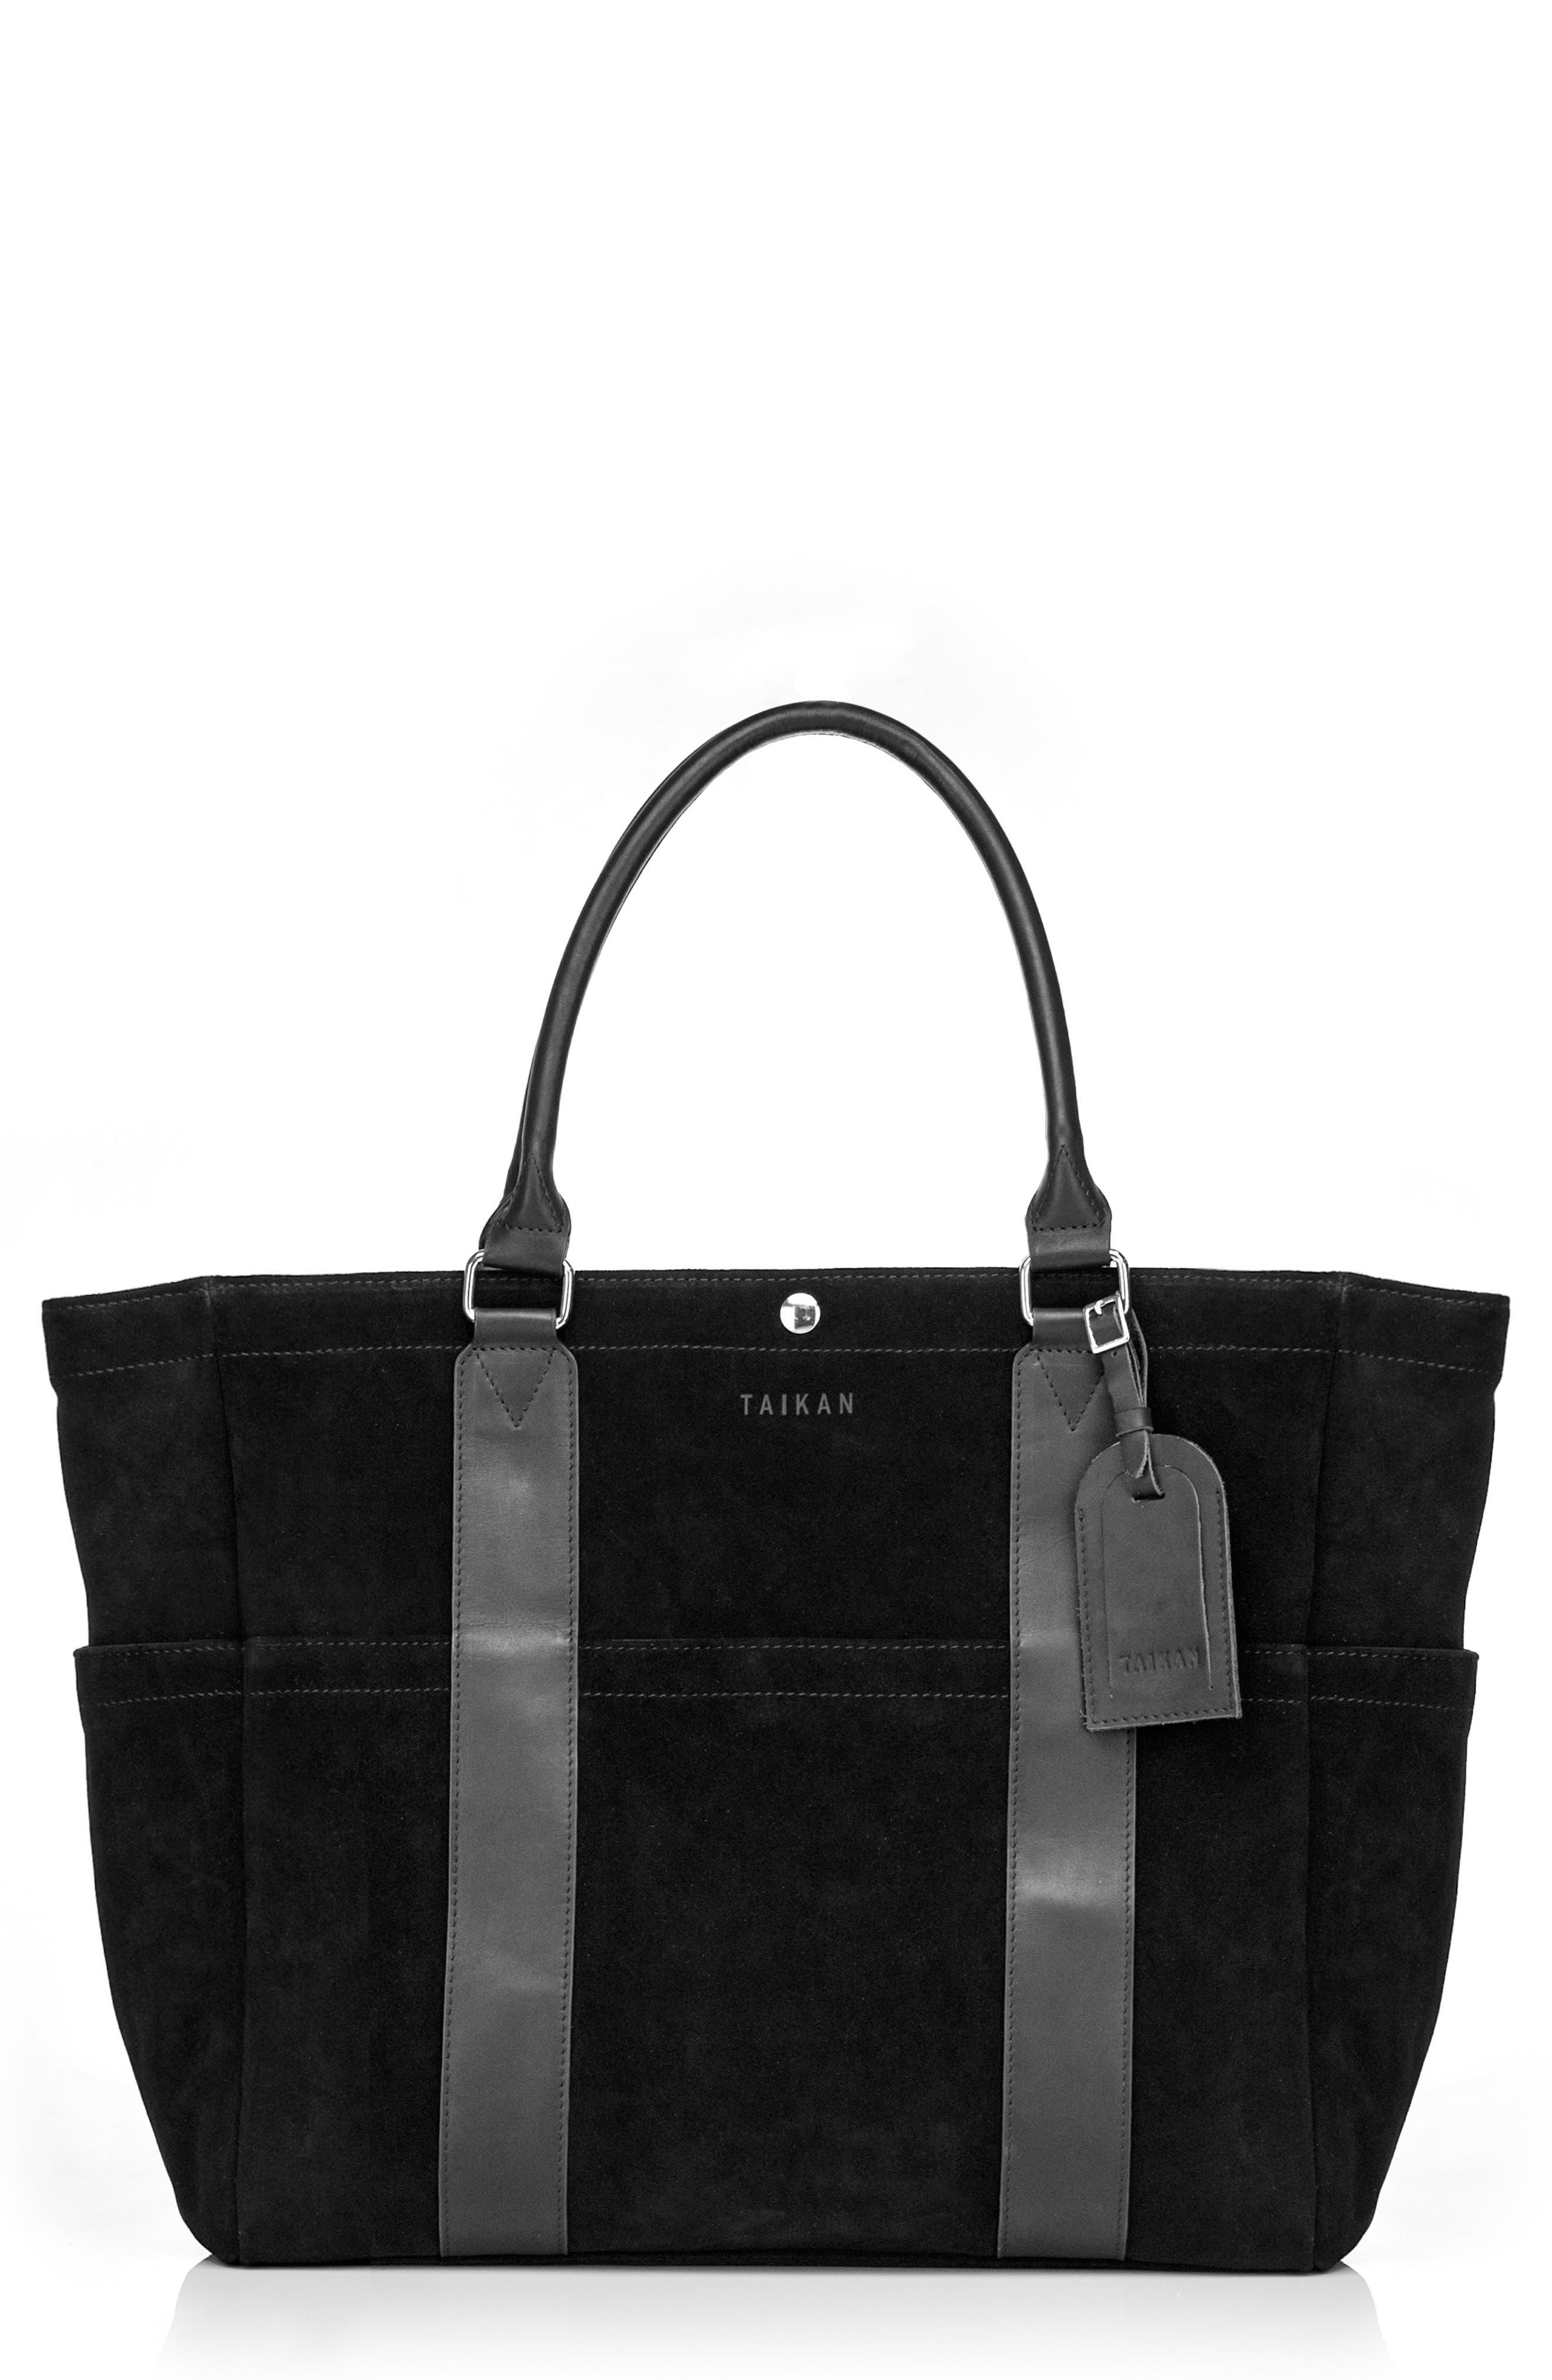 Taikan Tote Bag